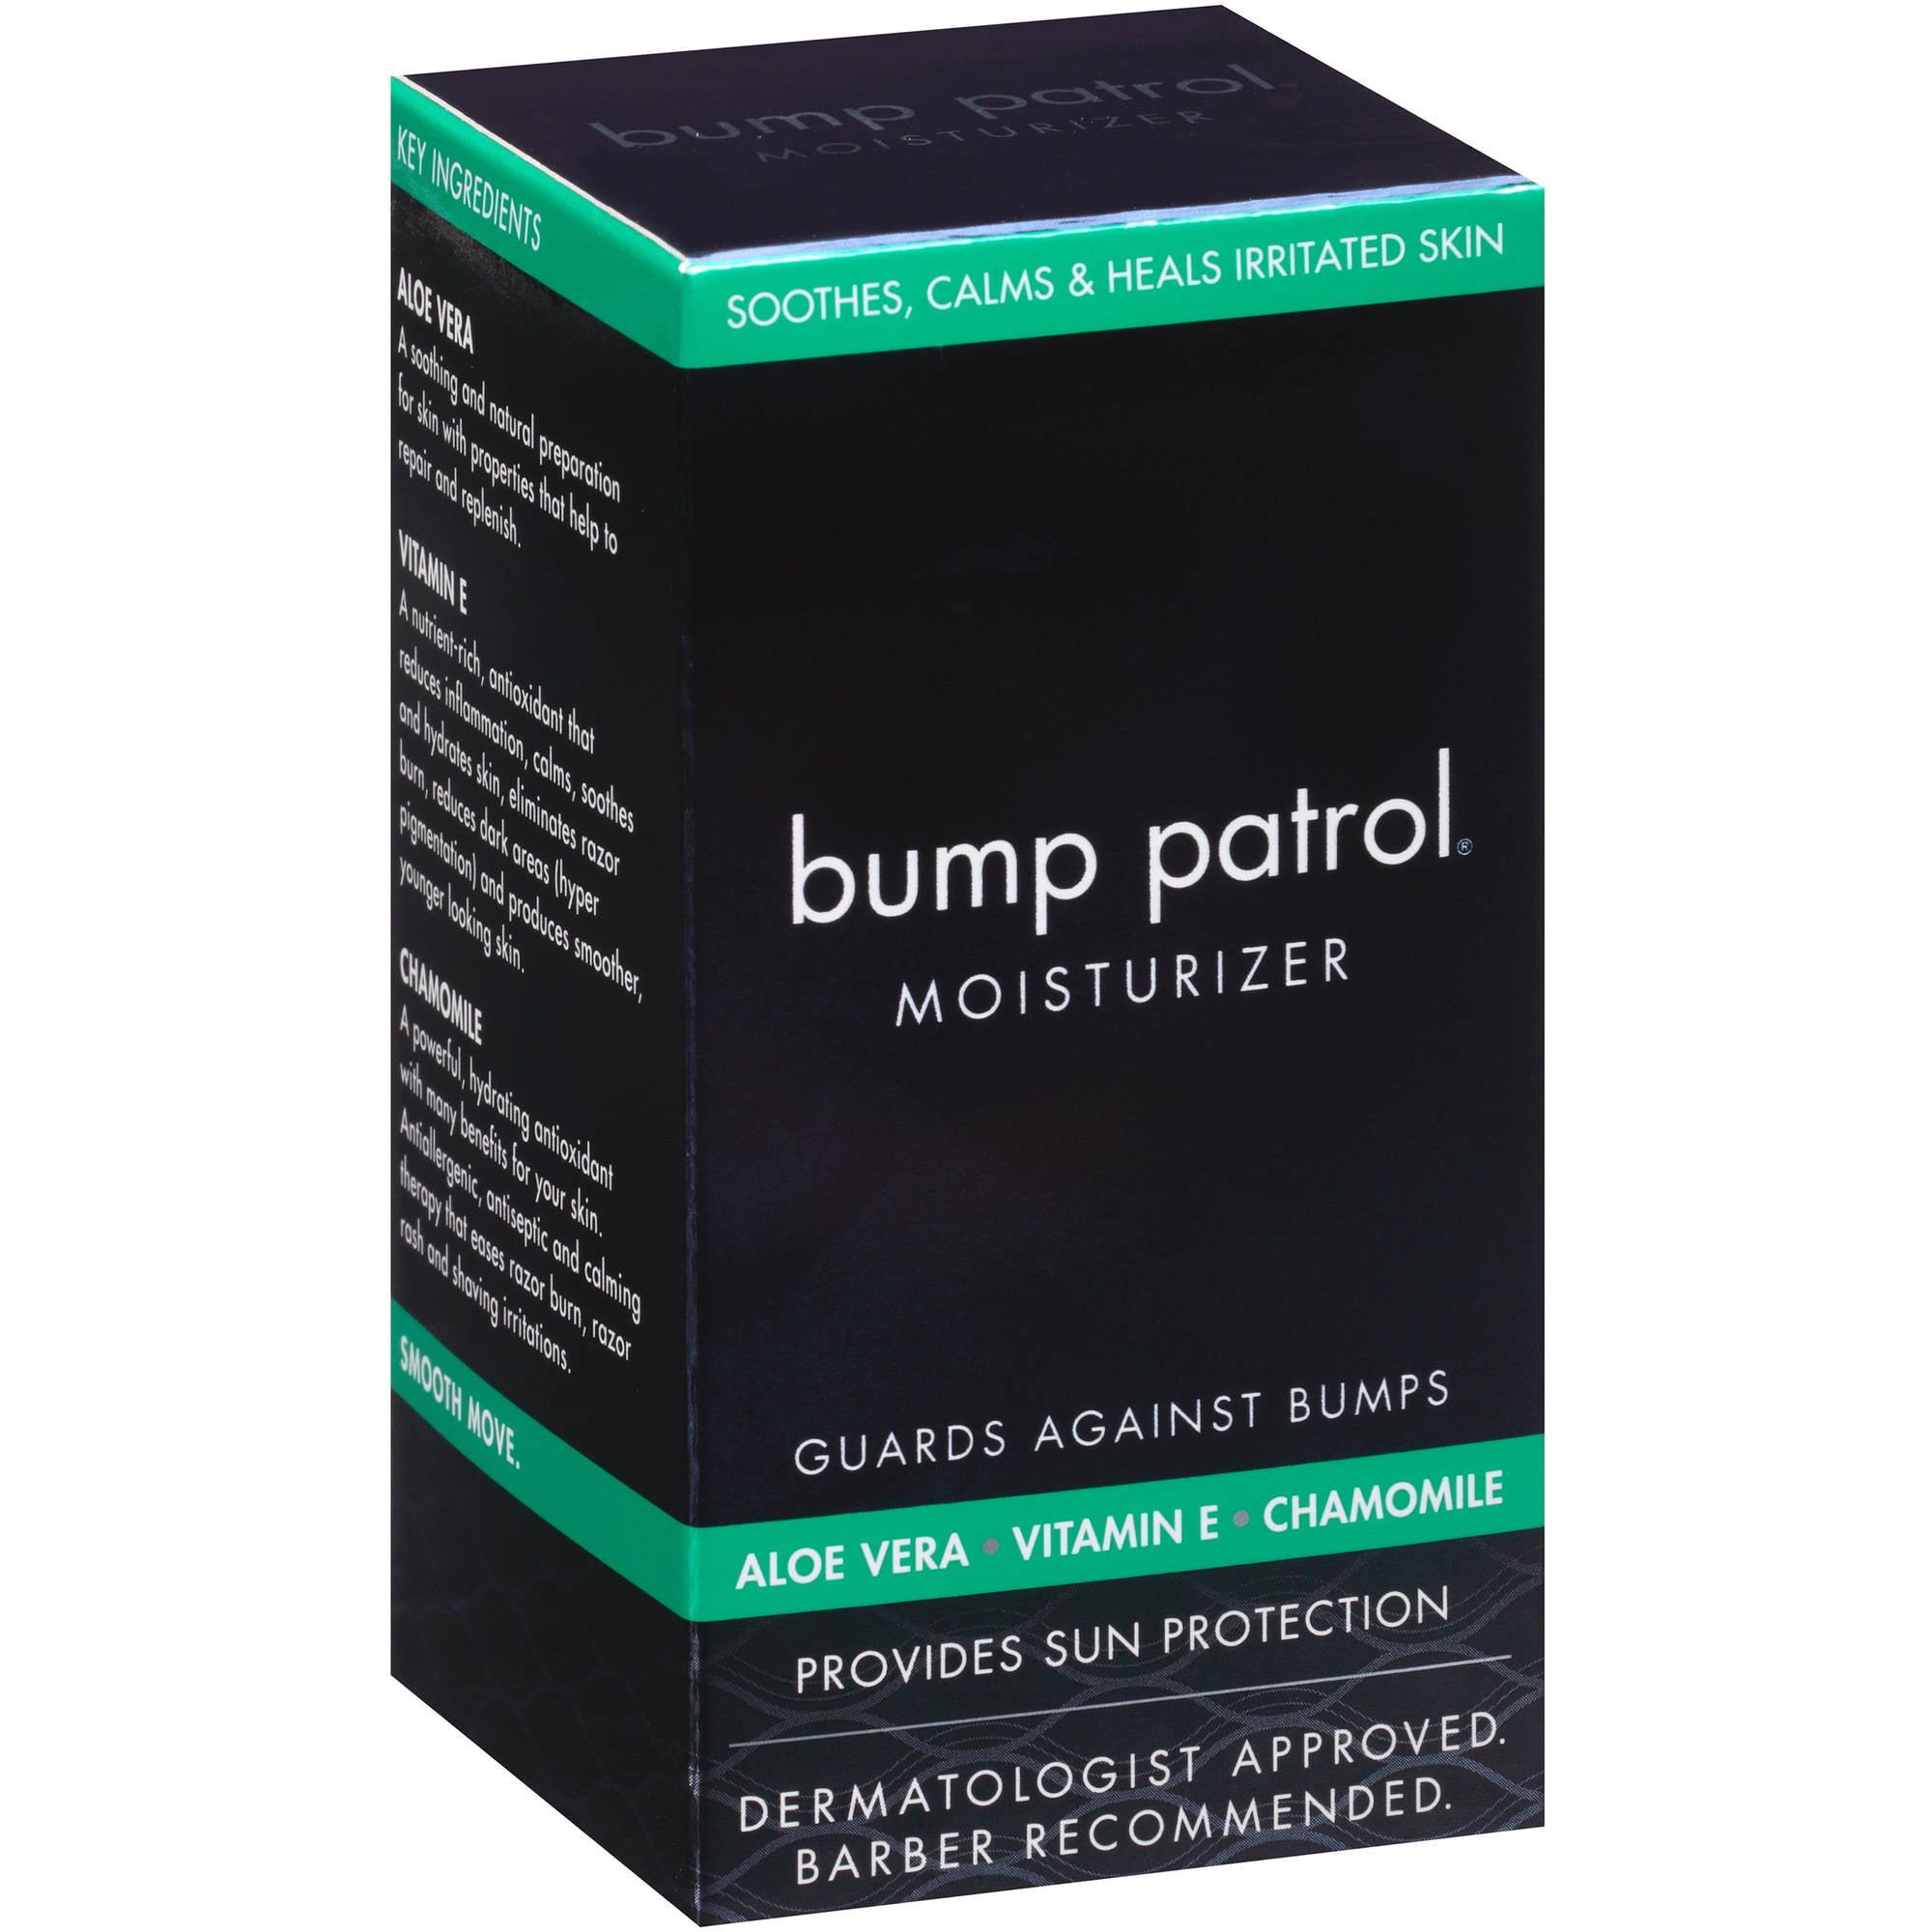 Bump Patrol Soothing Moisturizer, 1.69 fl oz